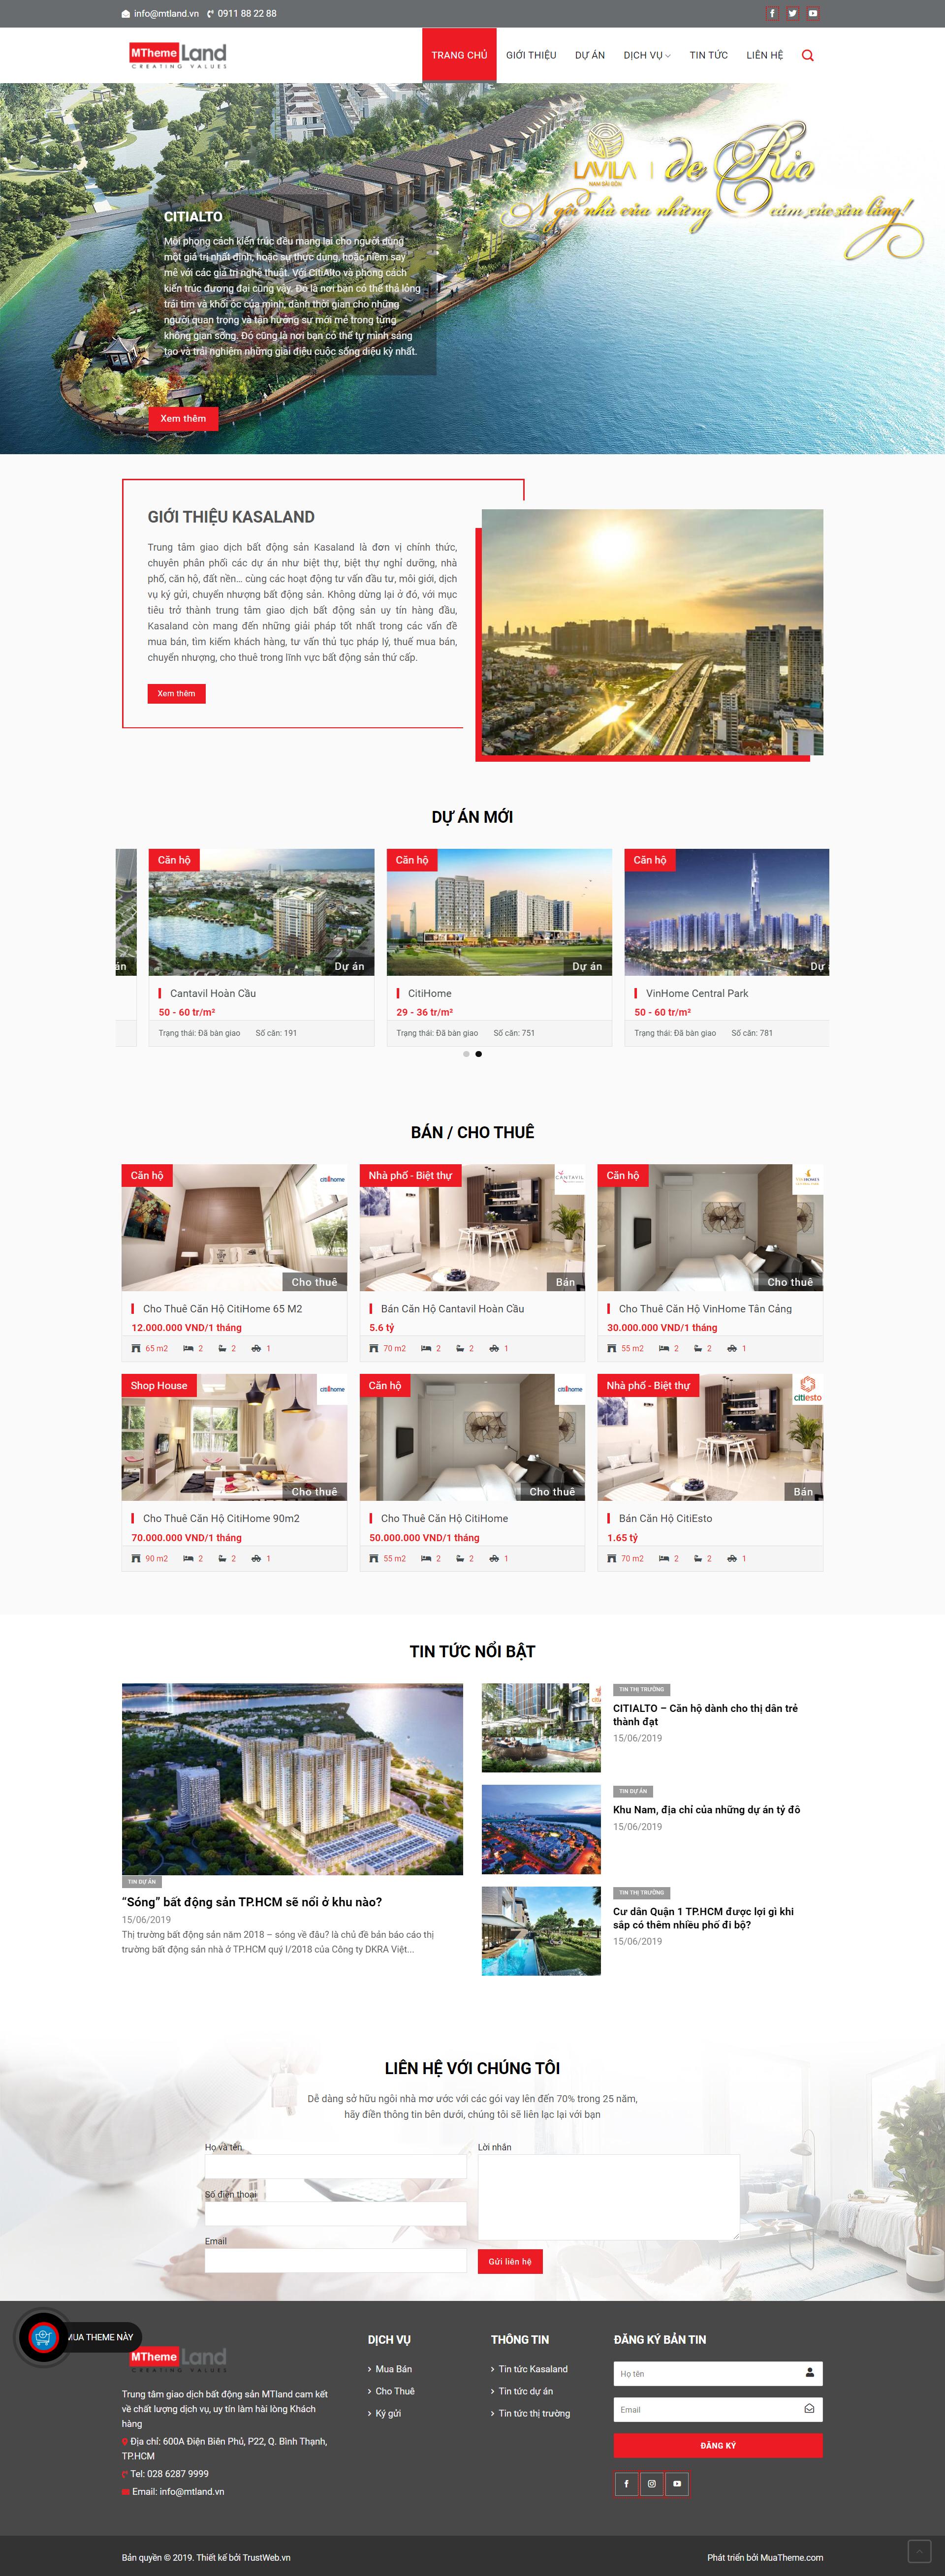 Theme WordPress sàn giao dịch bất động sản Kasaland